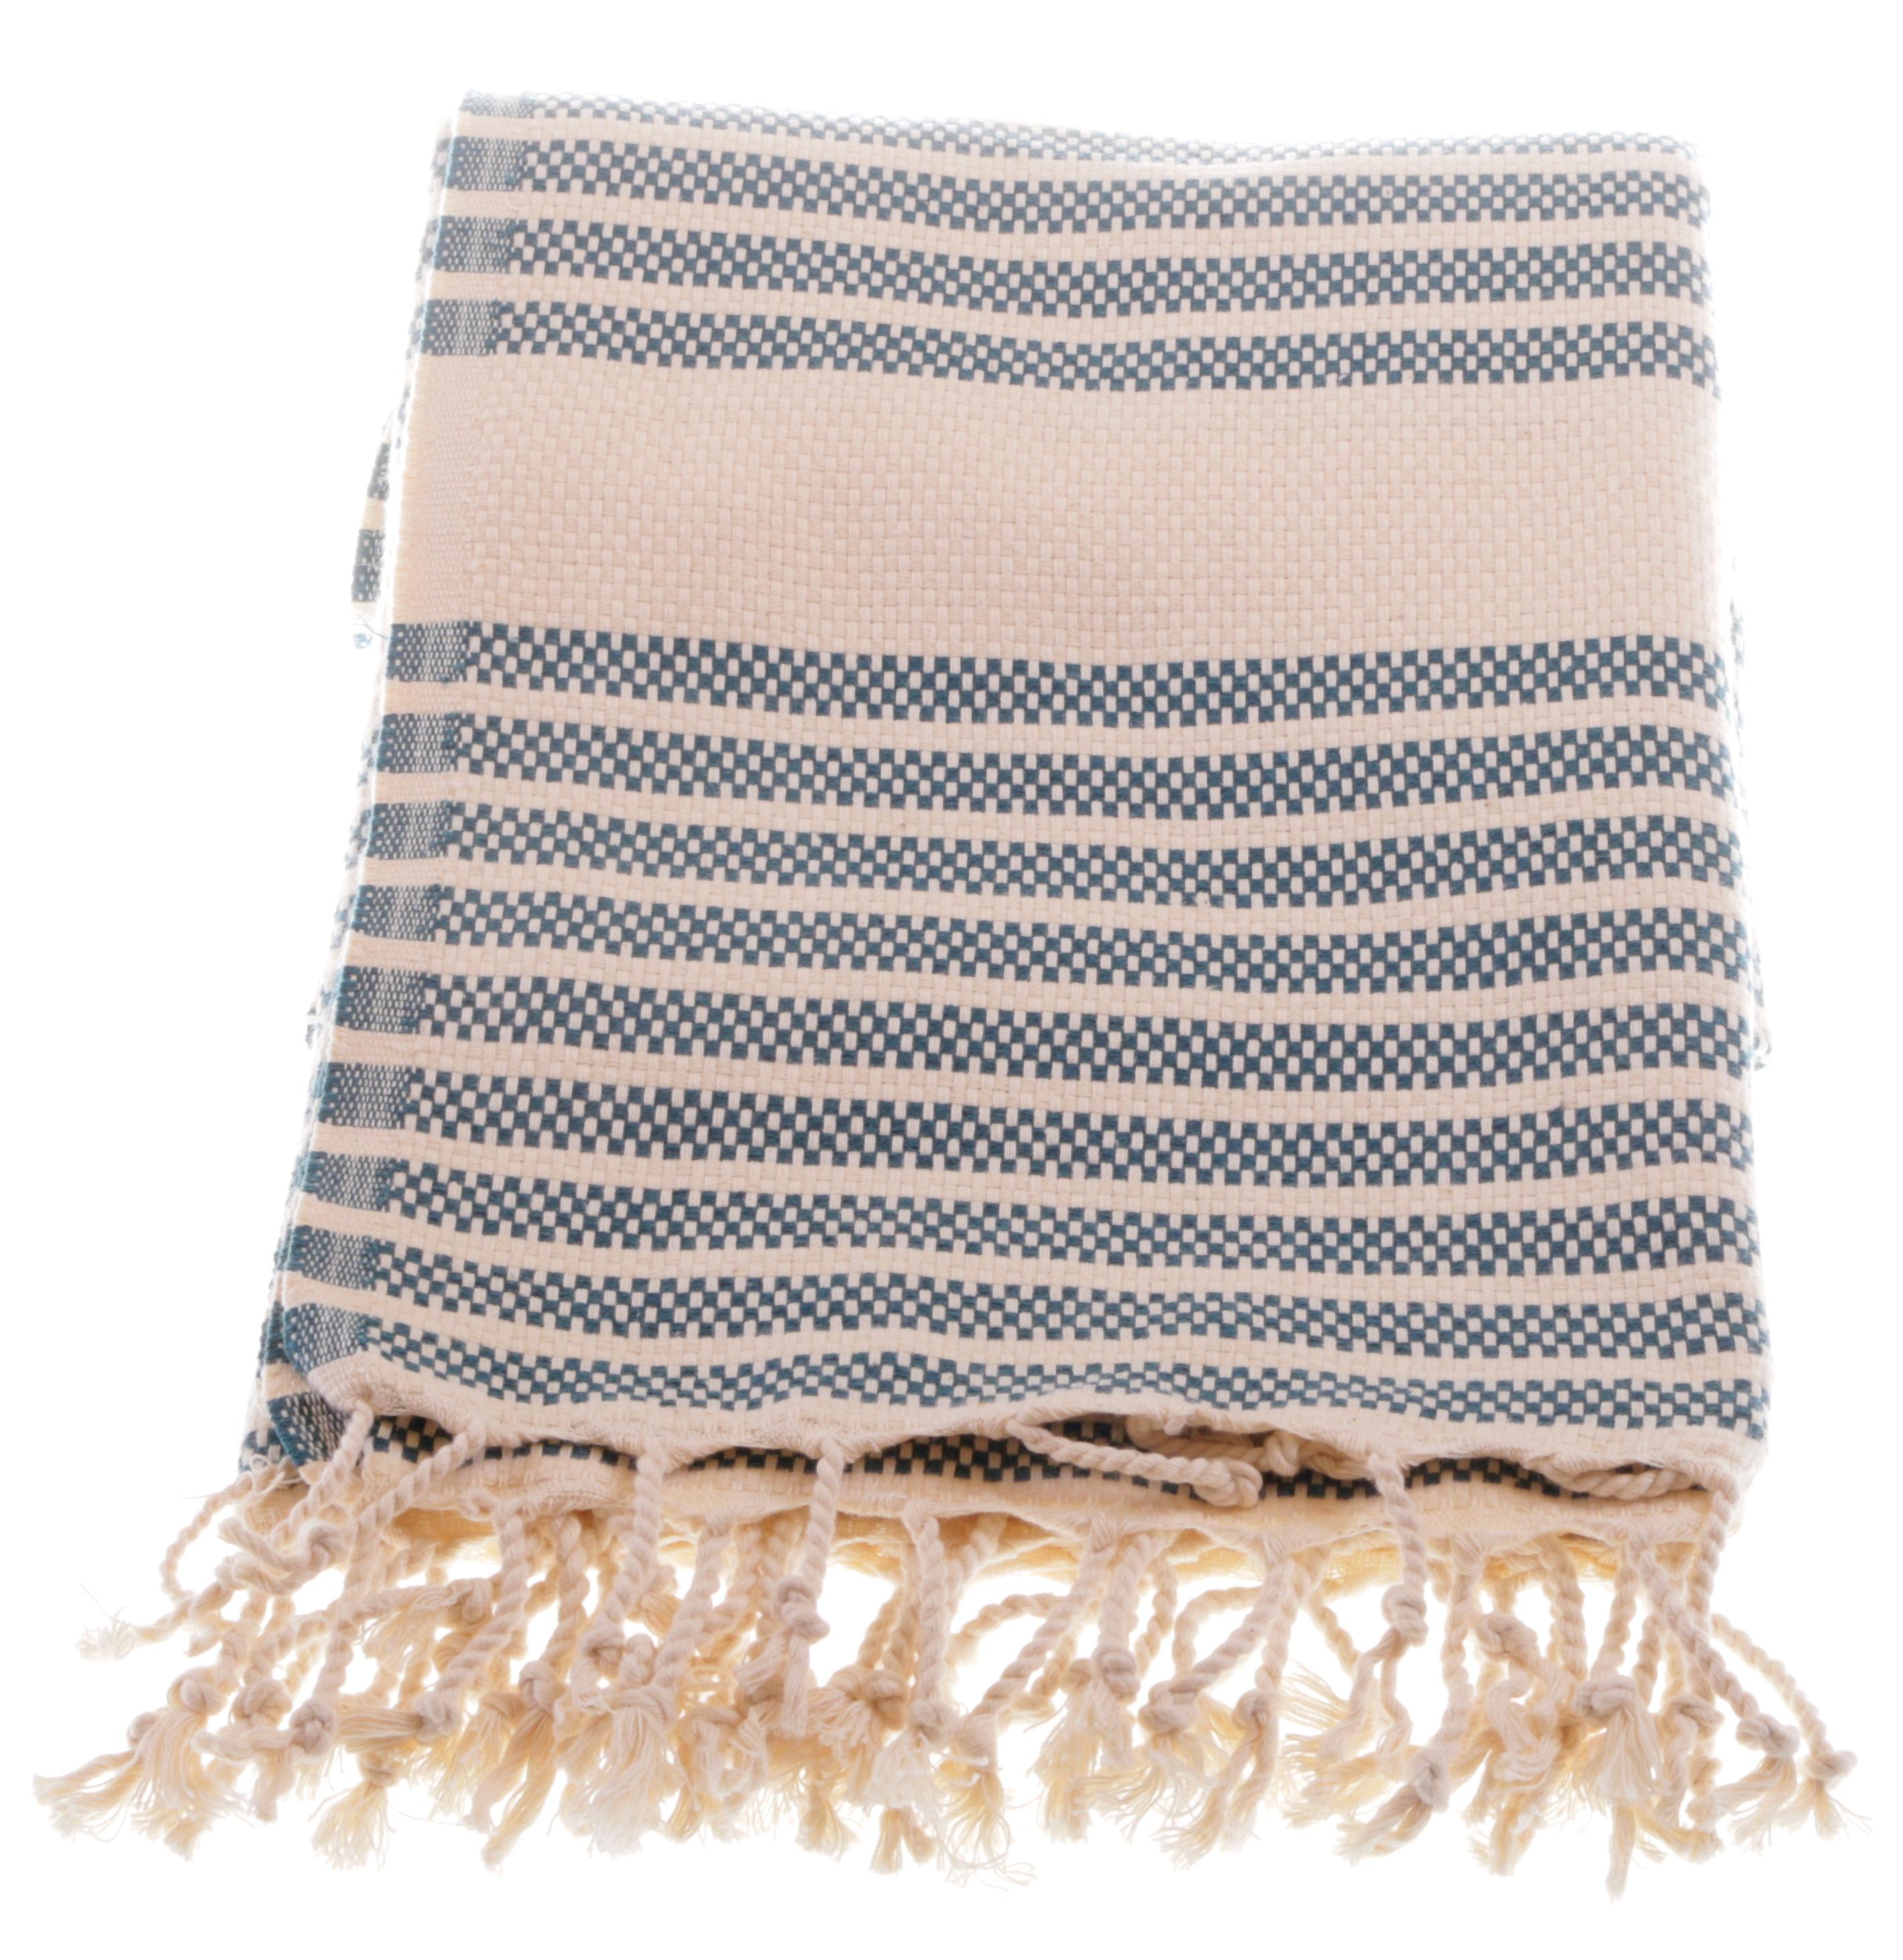 marmara petrol color hammam towel